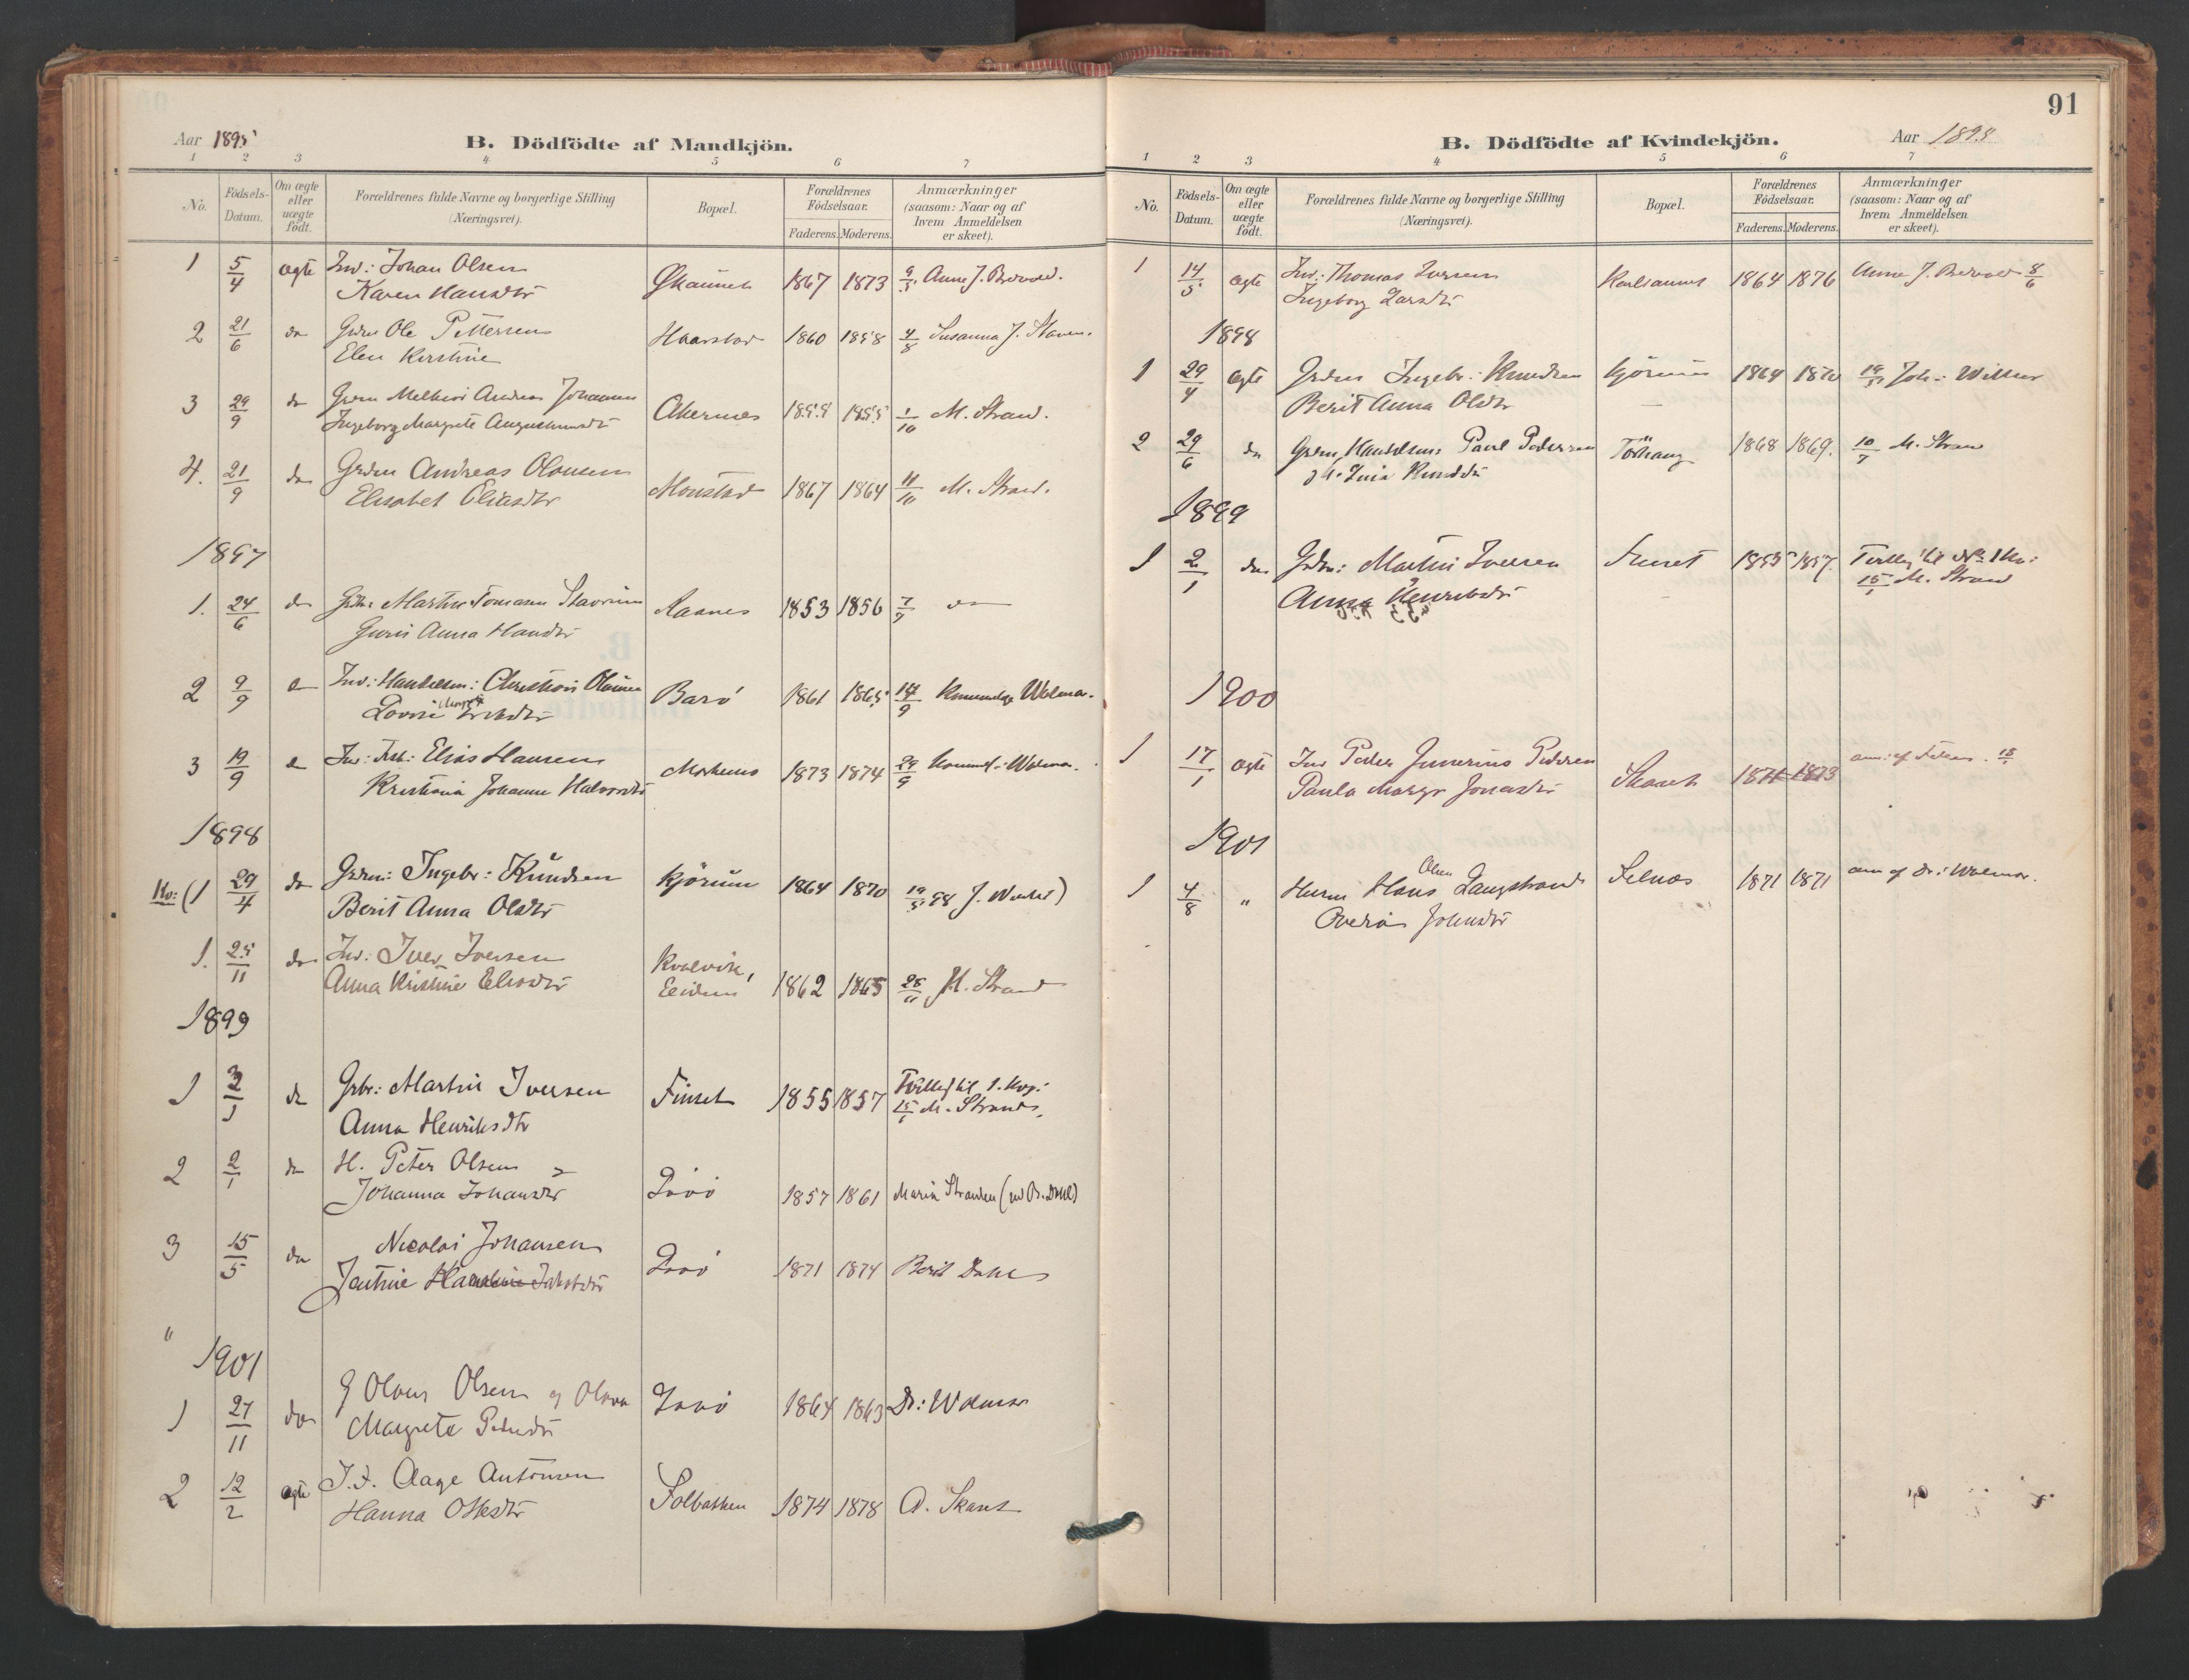 SAT, Ministerialprotokoller, klokkerbøker og fødselsregistre - Sør-Trøndelag, 655/L0681: Ministerialbok nr. 655A10, 1895-1907, s. 91